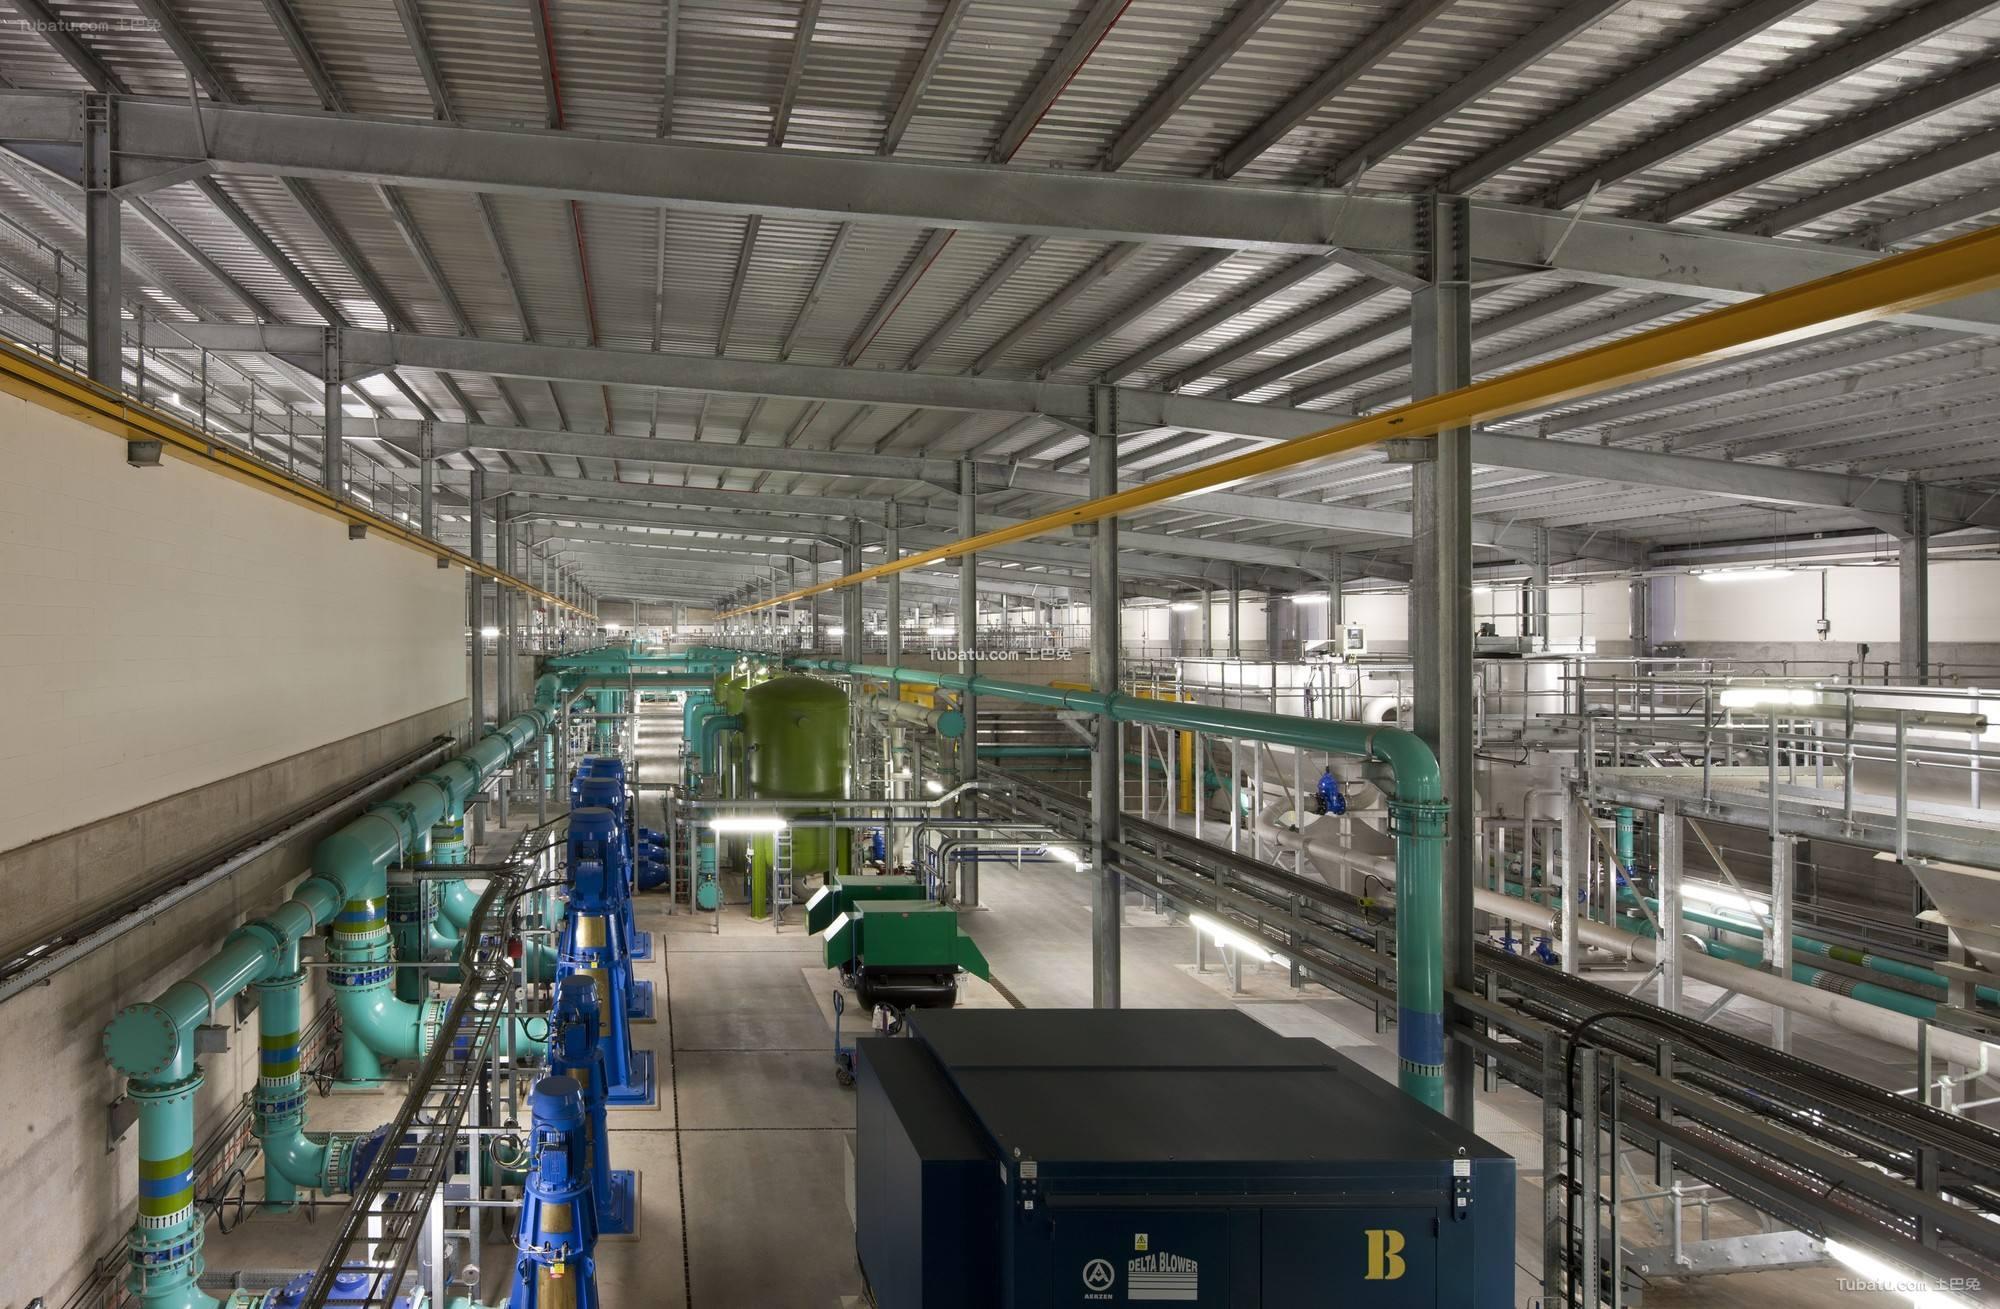 工业厂房设计室内装饰效果图欣赏